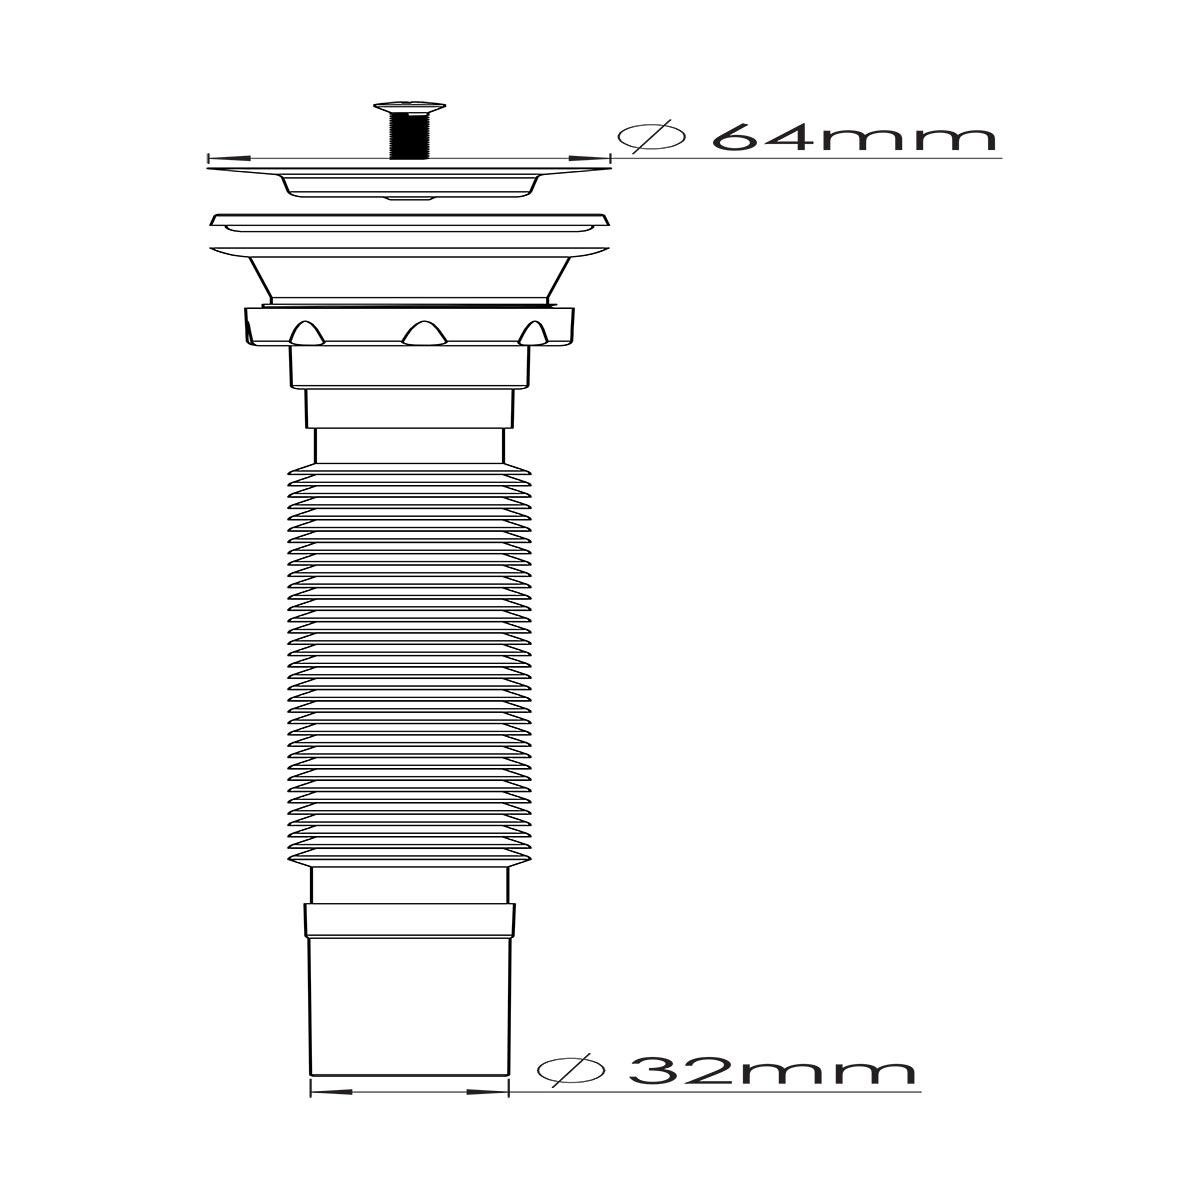 1 ½ – Ø32, 304 Kalite Paslanmaz Vida ve 64 mm Süzgeç Uzun Körüklü Sifon